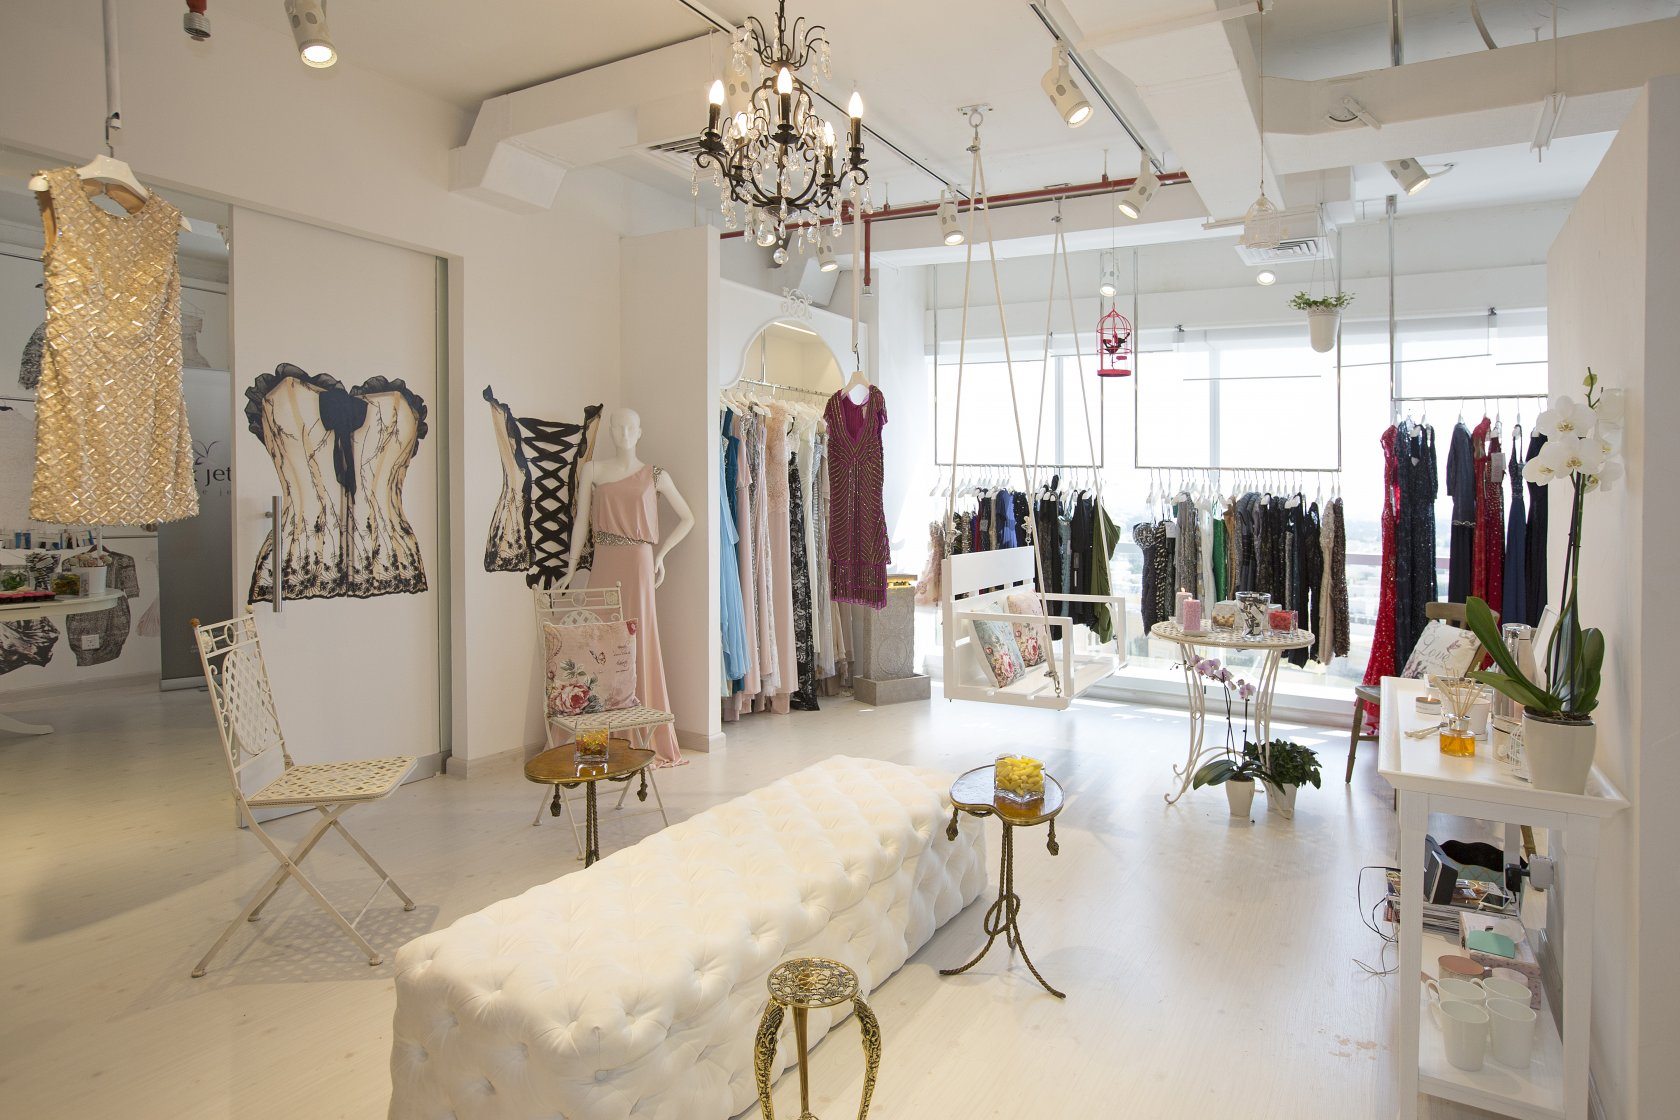 Что такое шоурум (showroom) - ответ что это значит, слово, термин